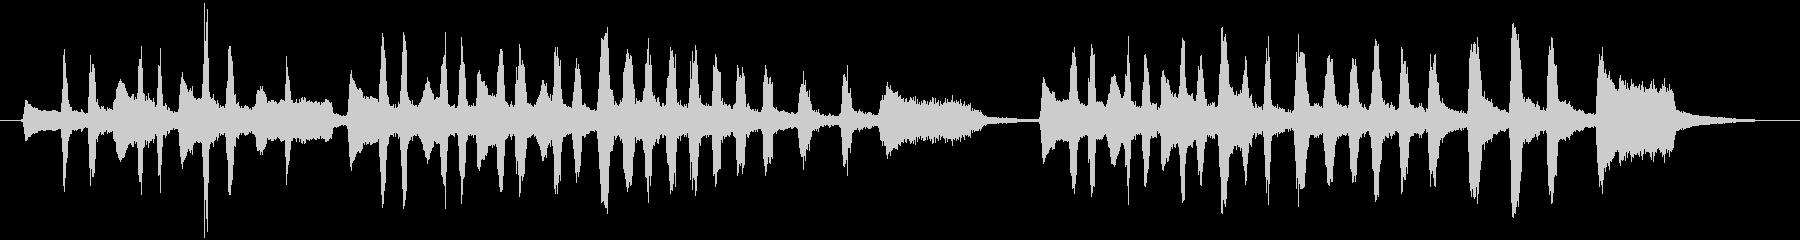 ワクワクするアコーディオンの小曲の未再生の波形